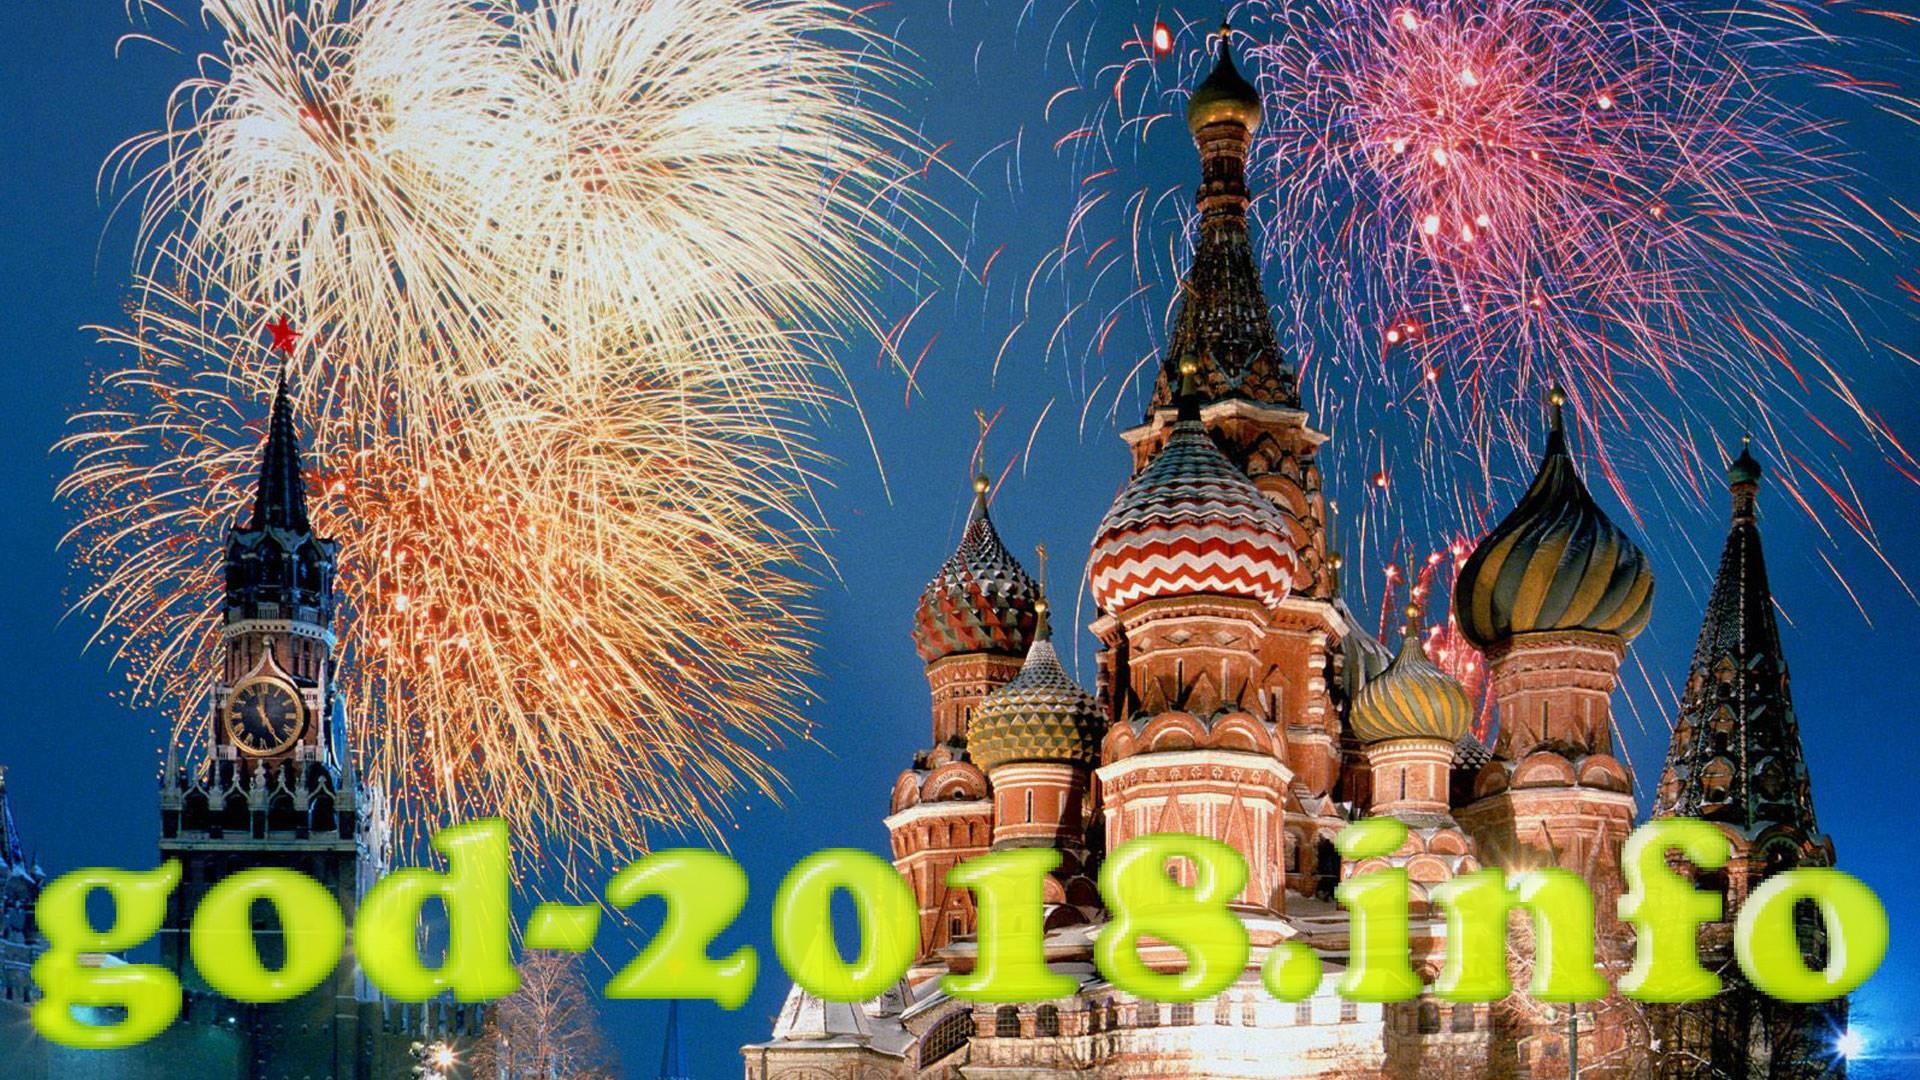 kuda-pojti-v-novogodnjuju-noch-v-moskve-2018-goda